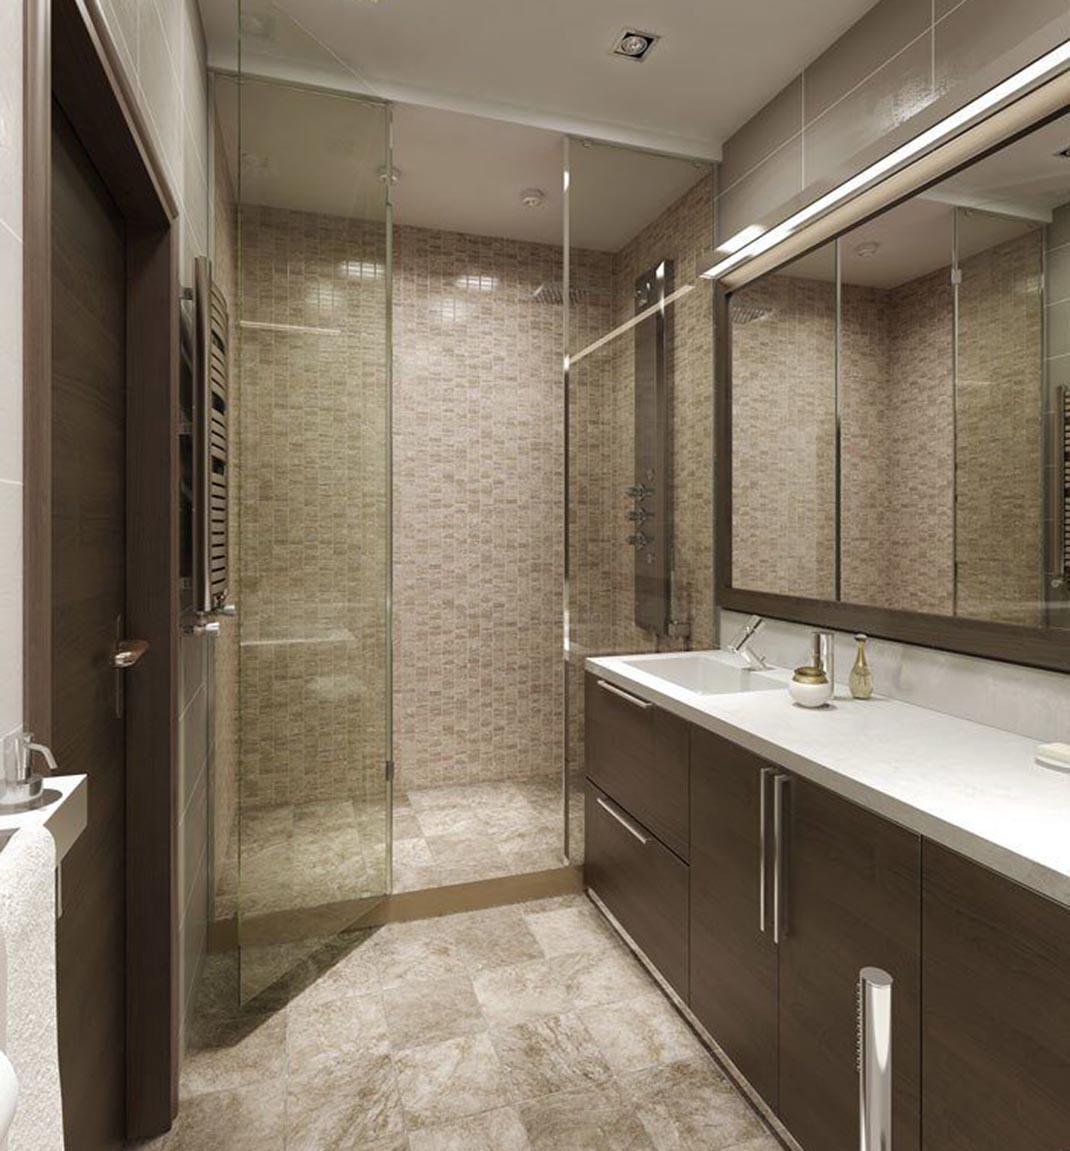 Các mẫu phòng tắm ngăn vách đẹp từ tấm nhựa mica